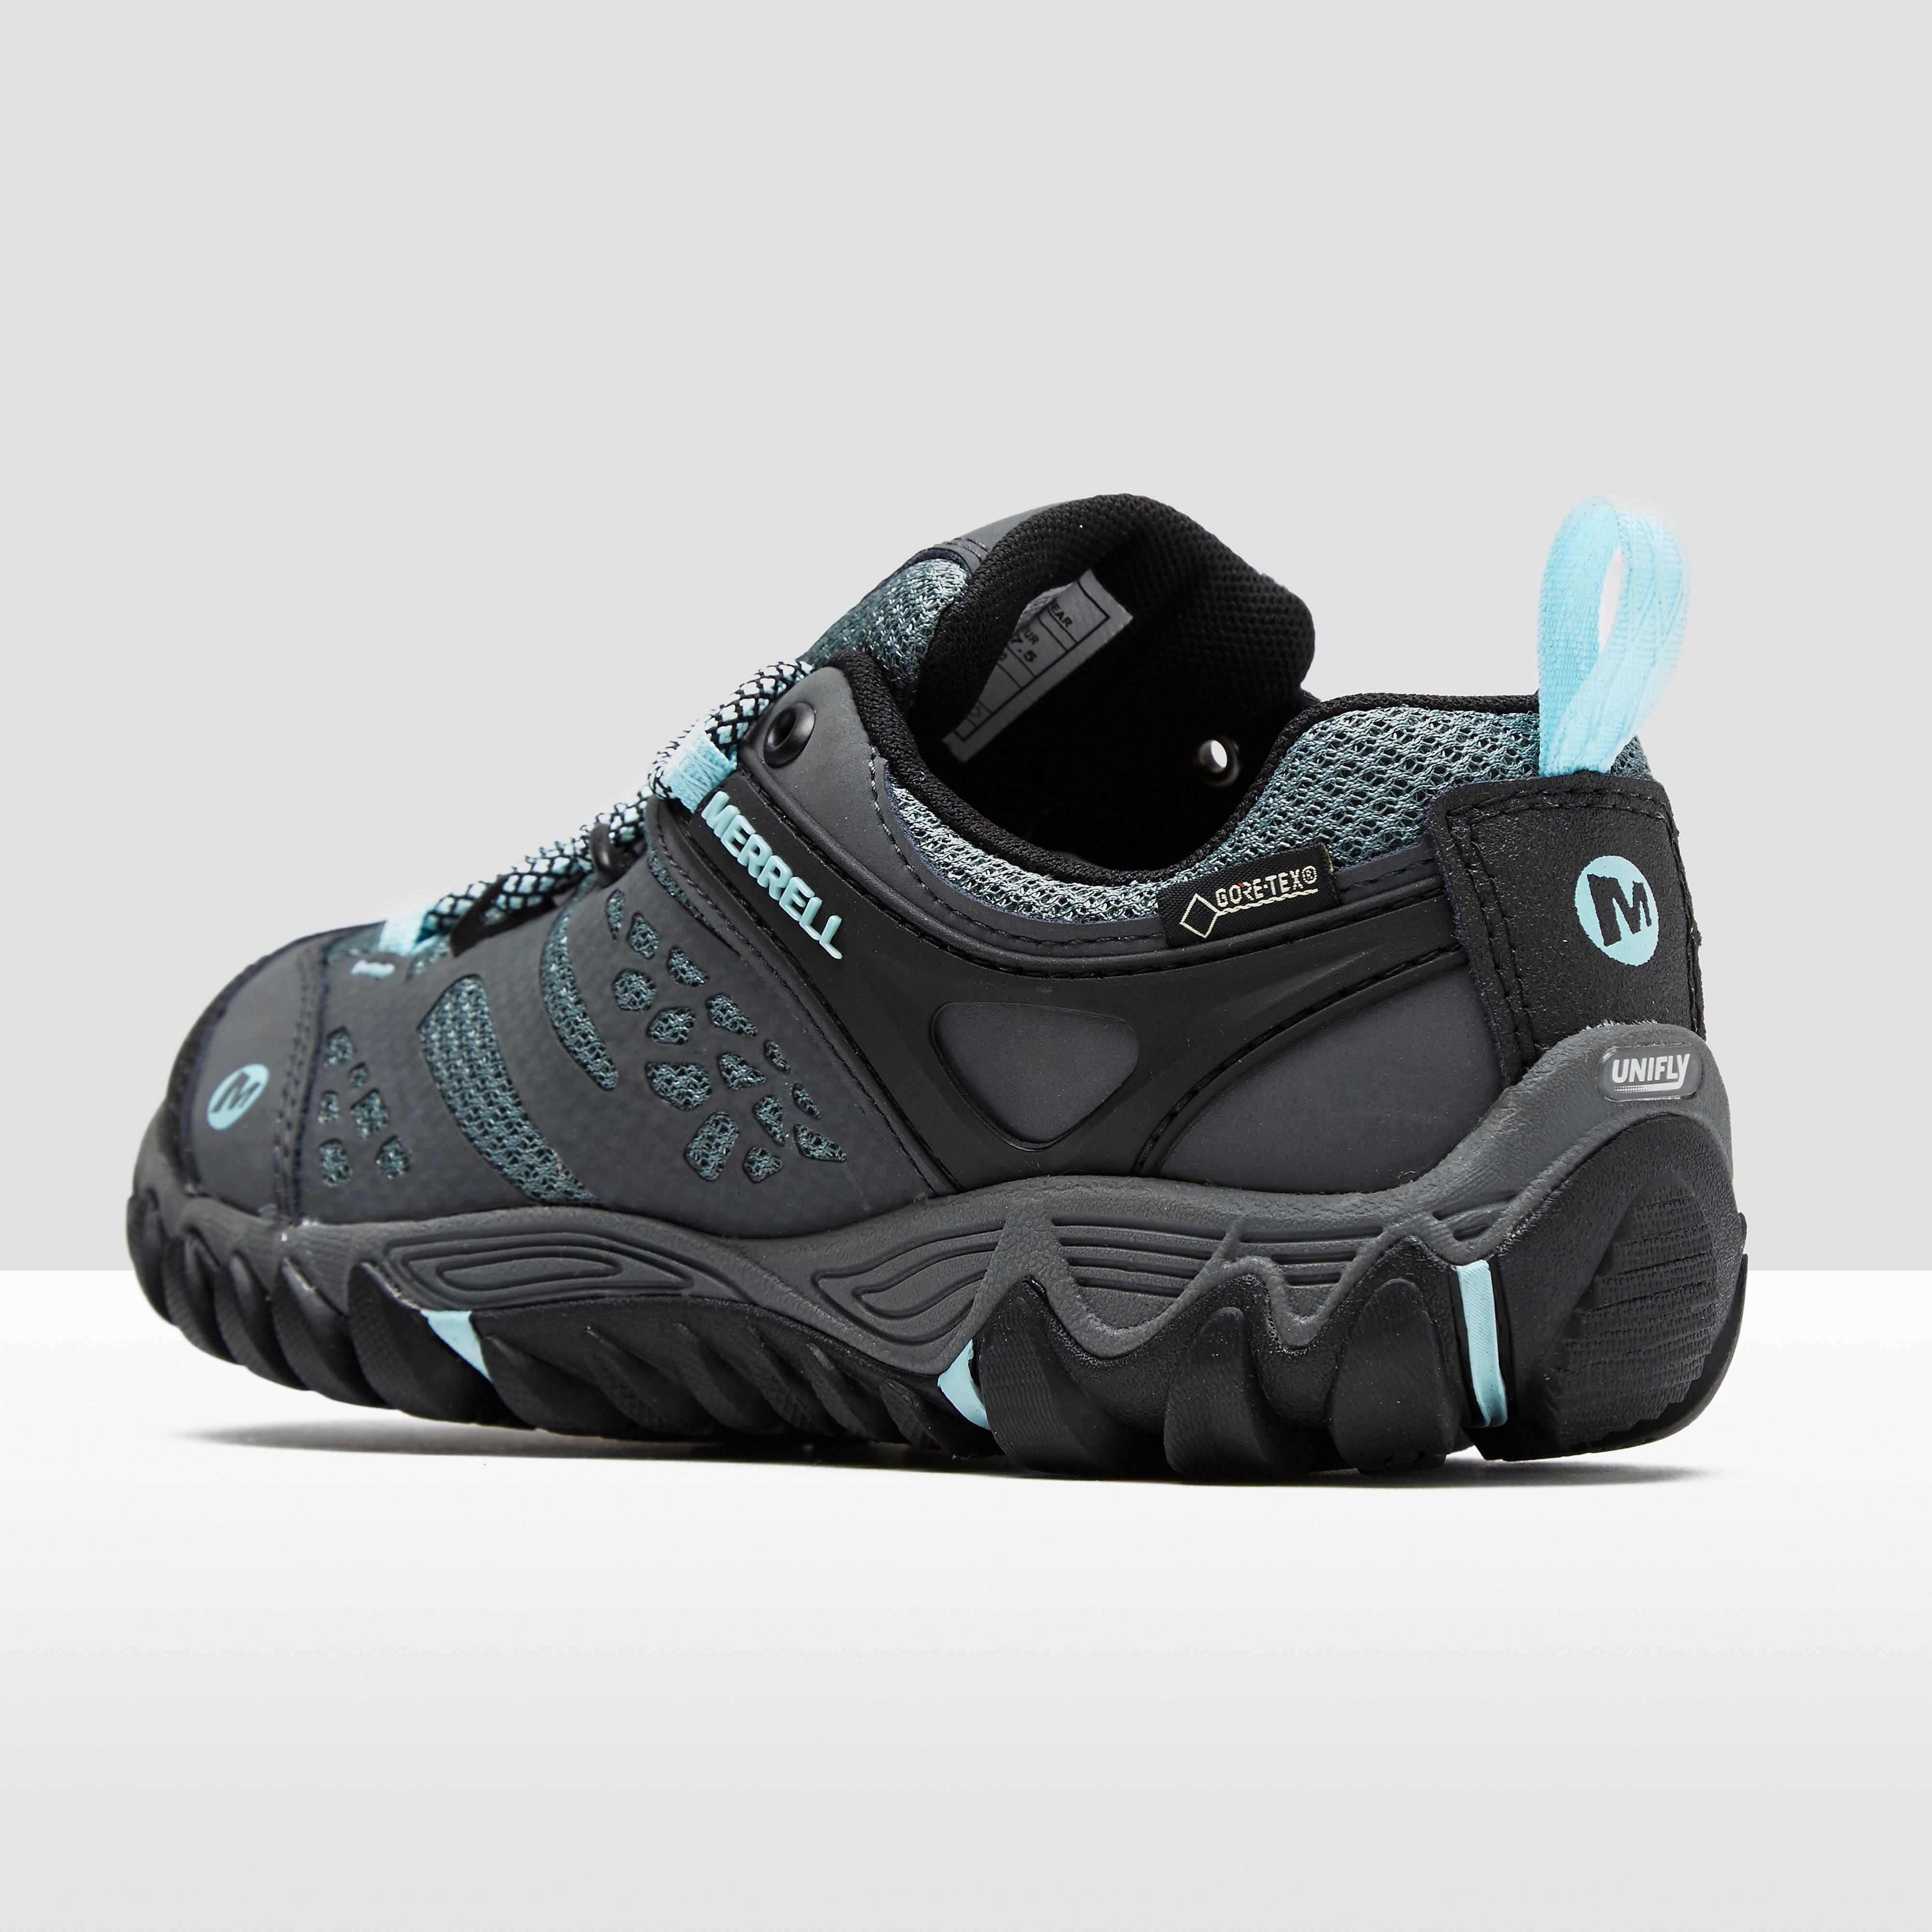 Merrell All Out Blaze Ventilator GTX Men's Walking Shoes